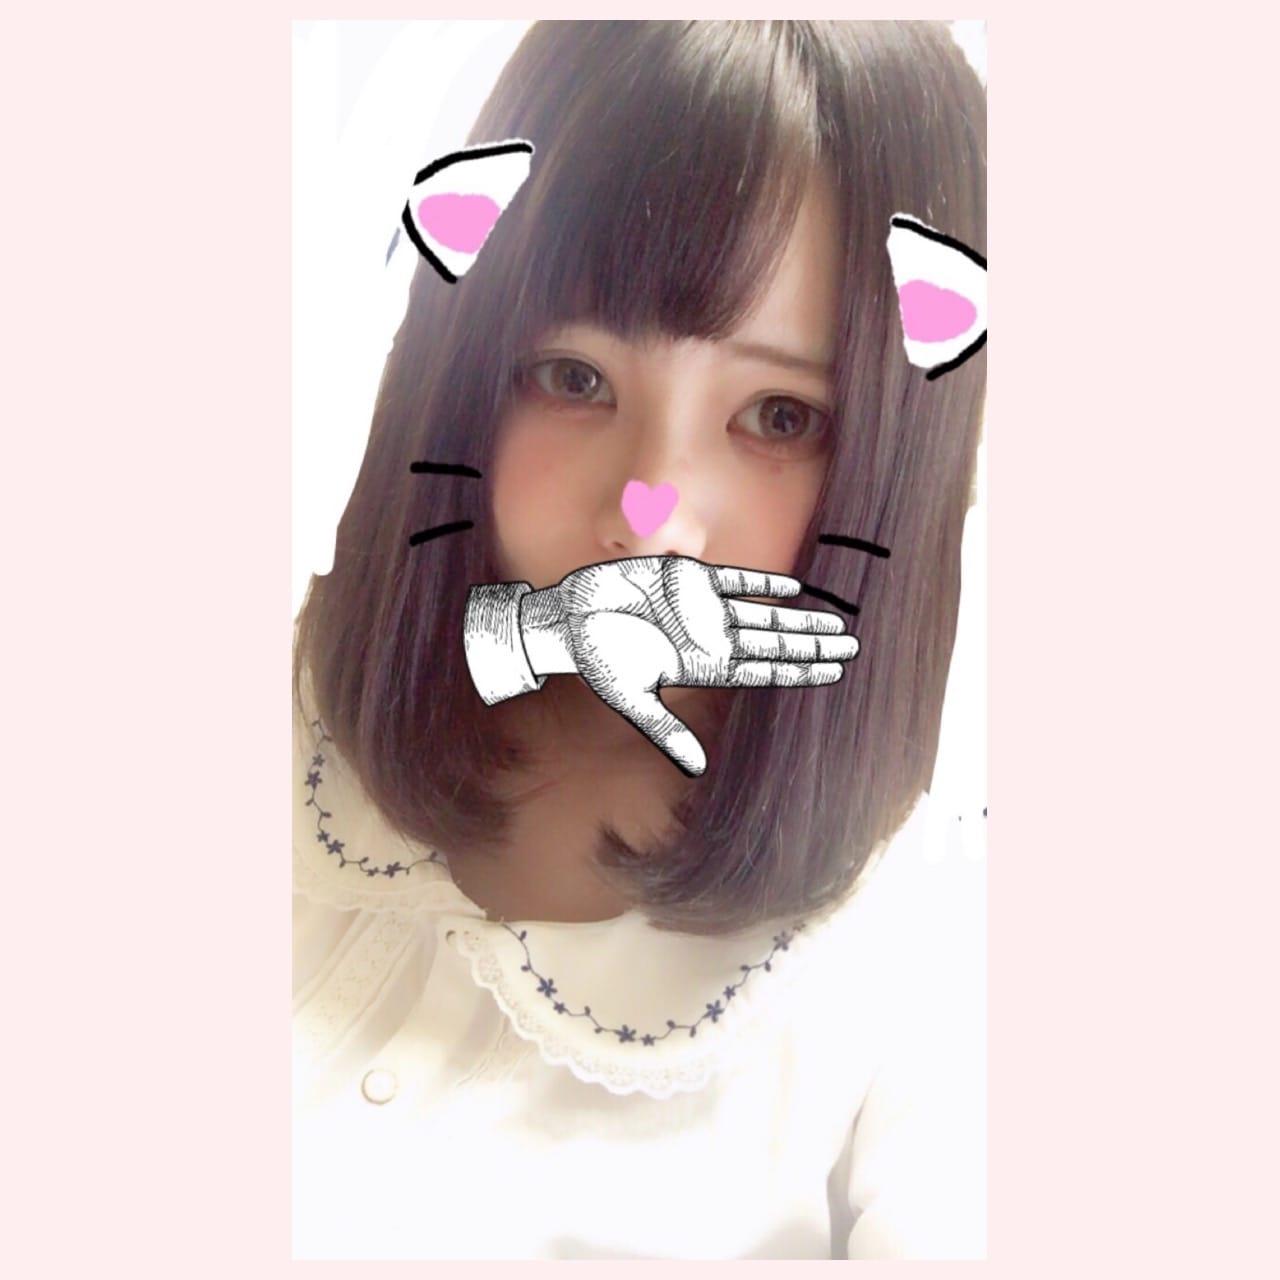 しおり「ただいまU・x・U」10/22(日) 20:39 | しおりの写メ・風俗動画